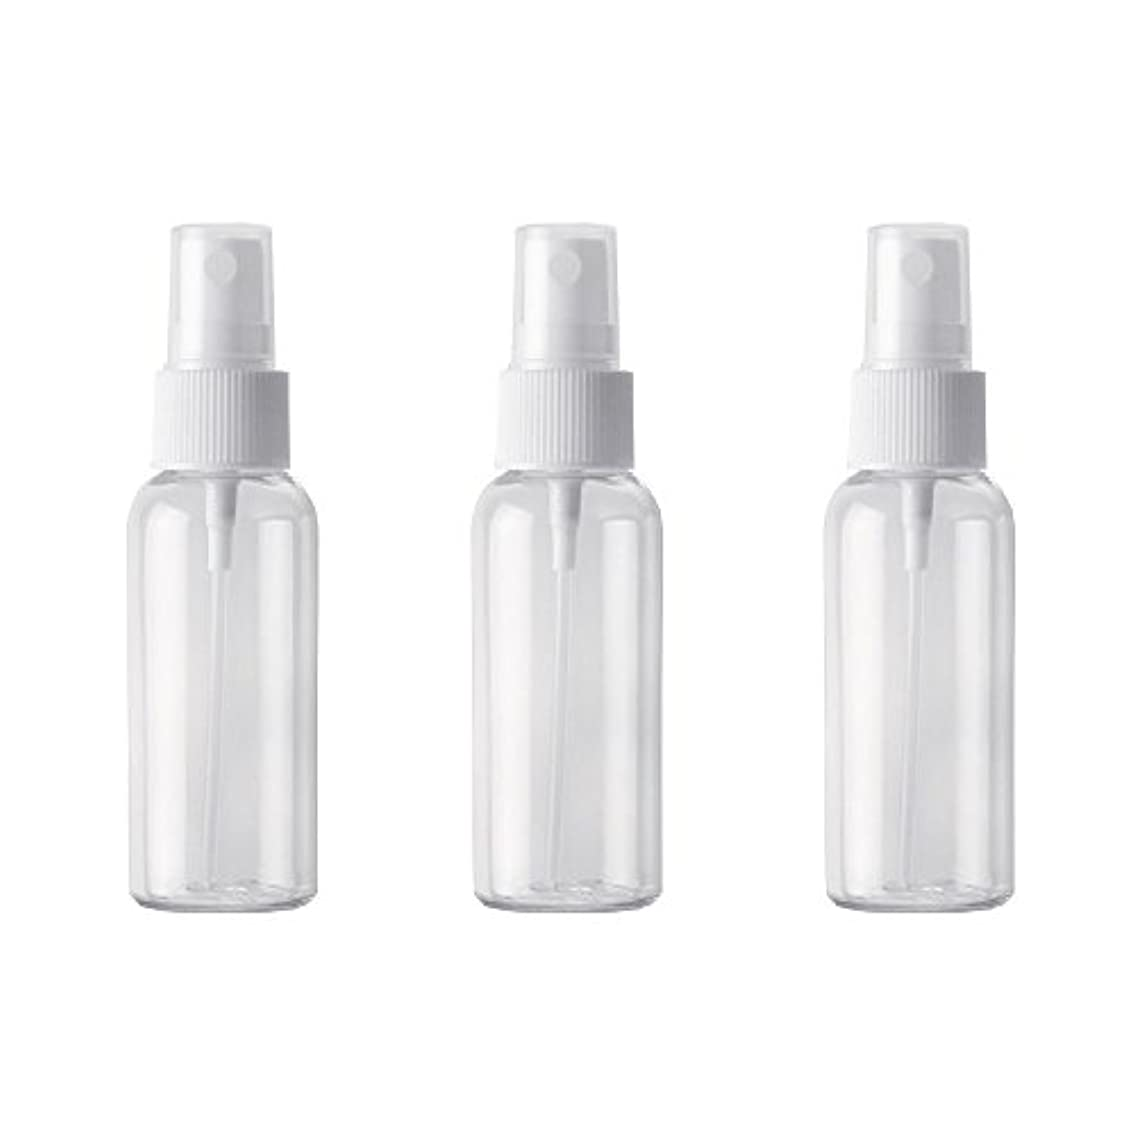 九月癒す治安判事小分けボトル スプレーボトル 50ml おしゃれ 空ボトル 3本セット 環境保護の材料 PET素材 化粧水 詰替用ボトル 旅行用品 (透明)